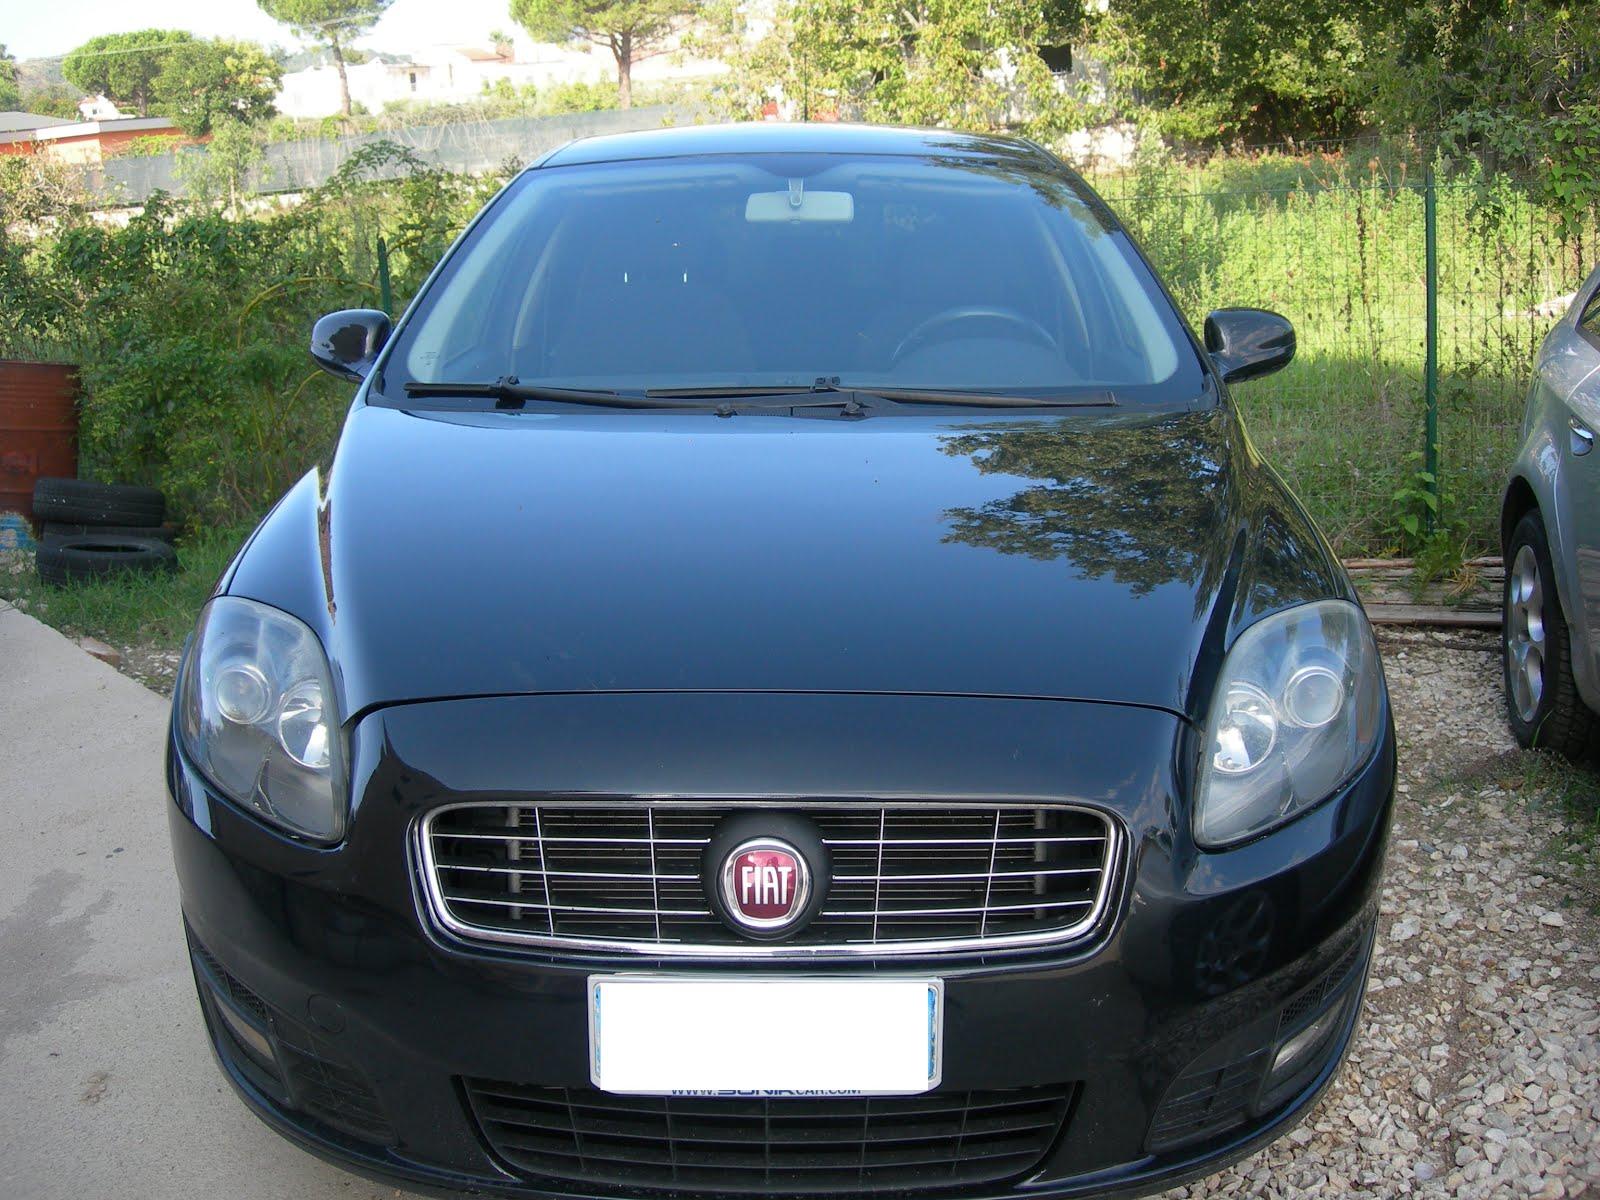 FIAT CROMA 1.9 MULTIJET 120 CV - EMOCTION ANNO 2009  90.000 KM PREZZO 6.000,00 EURO